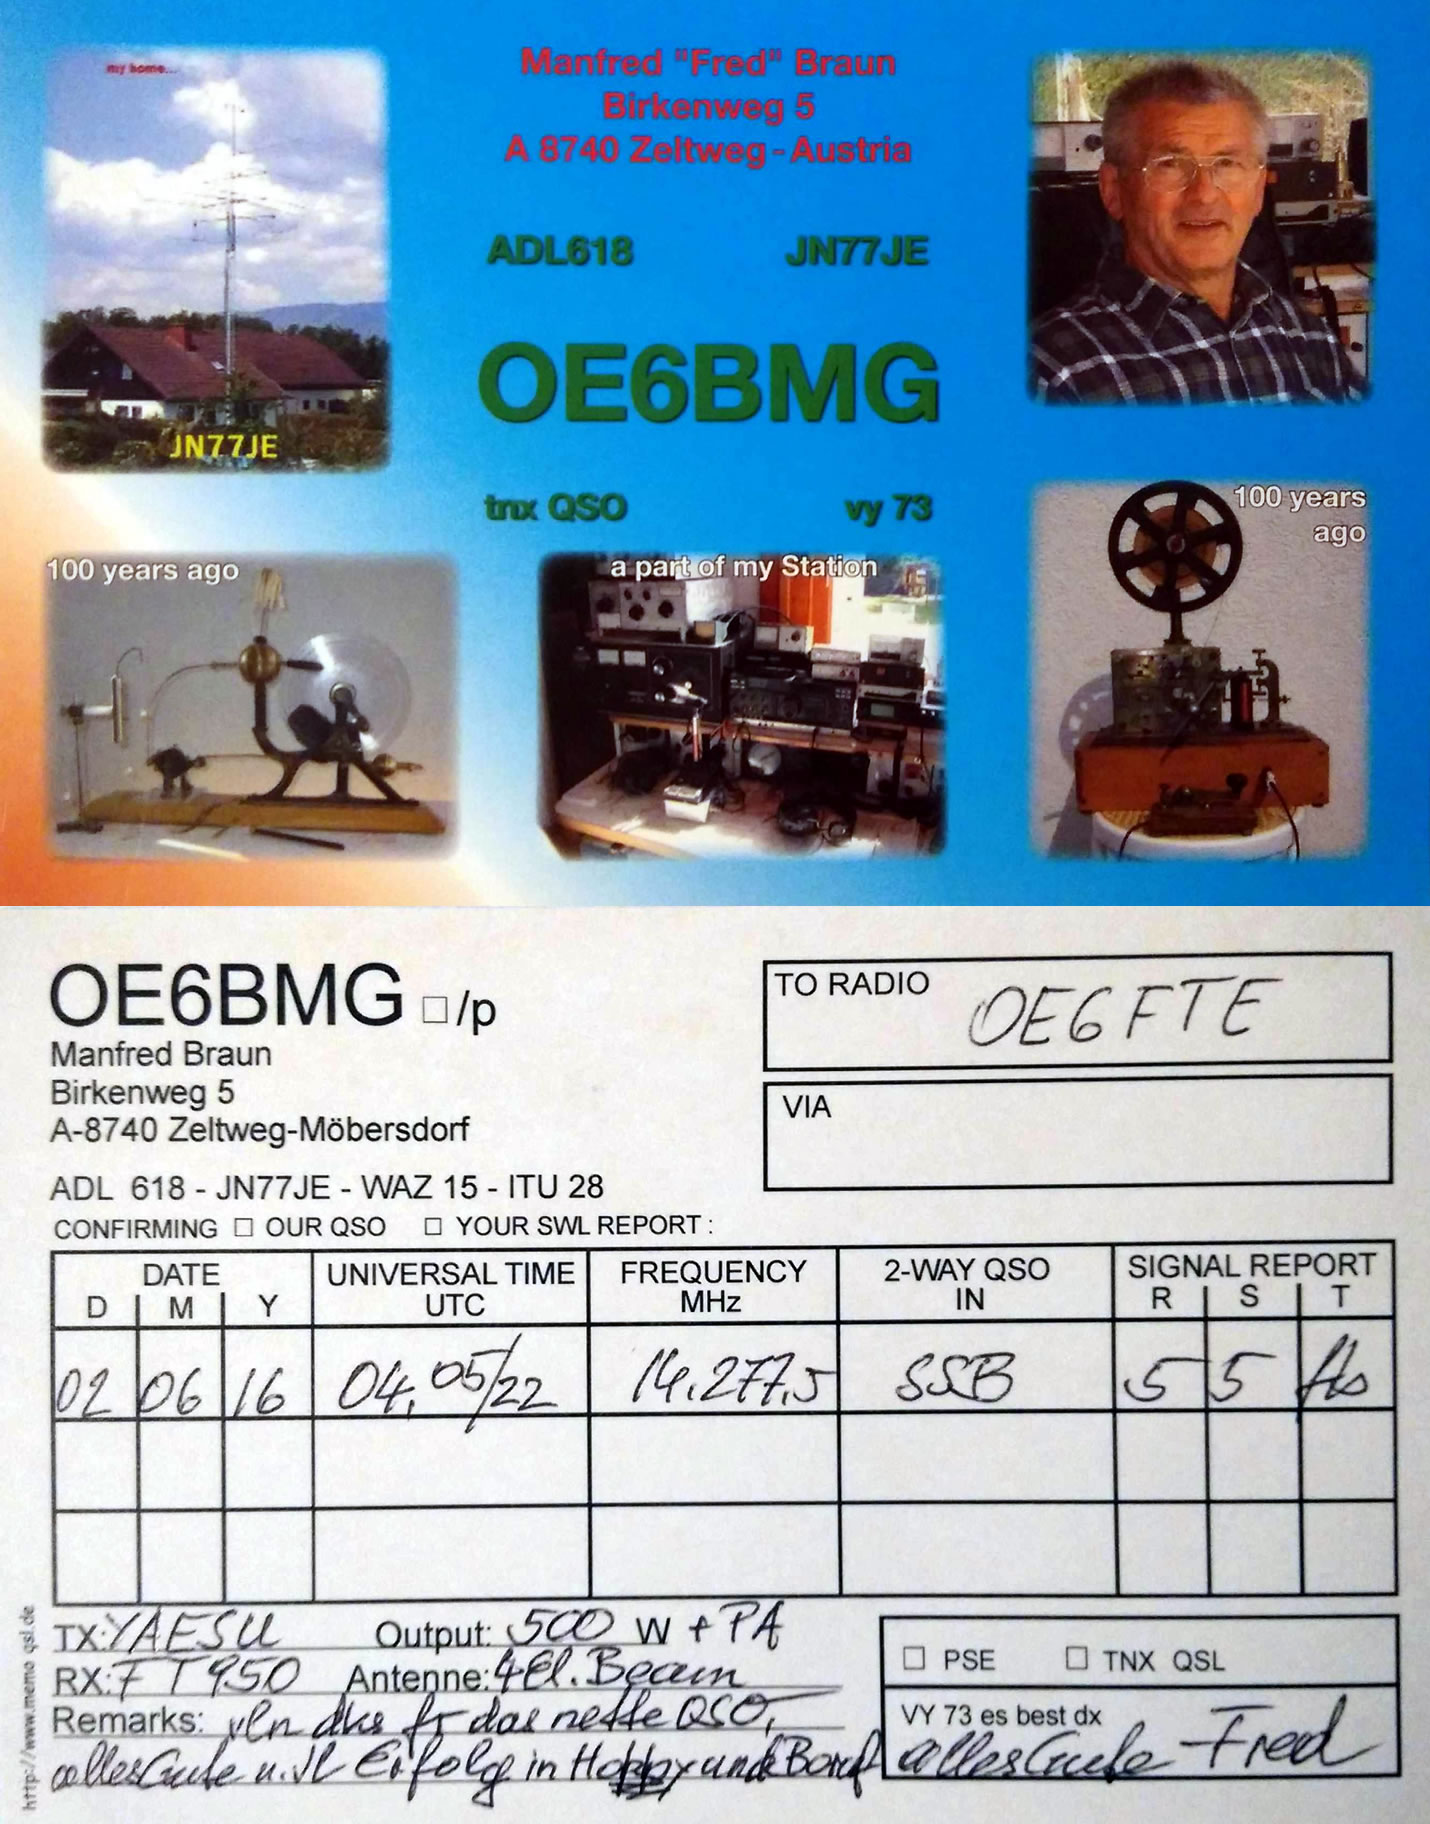 OE6BMG